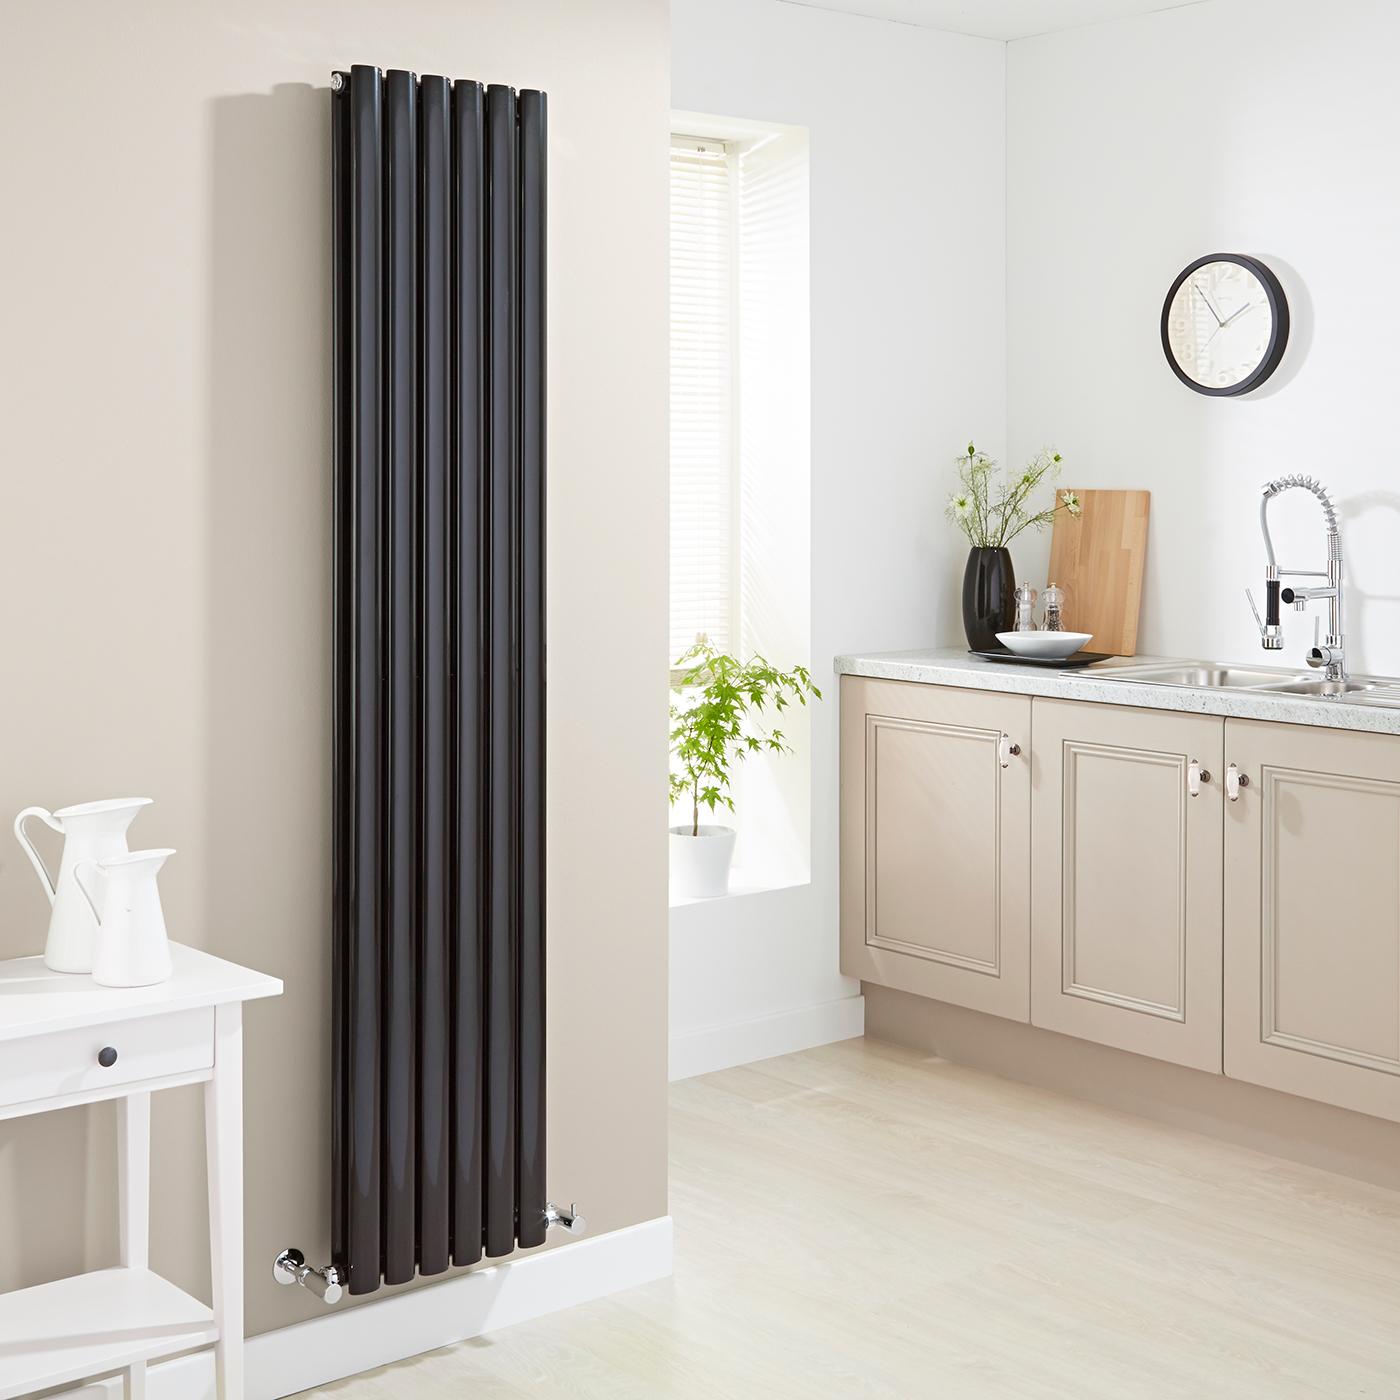 Big Bathroom Shop | Luxury Bathrooms Interior Design Blog on ...